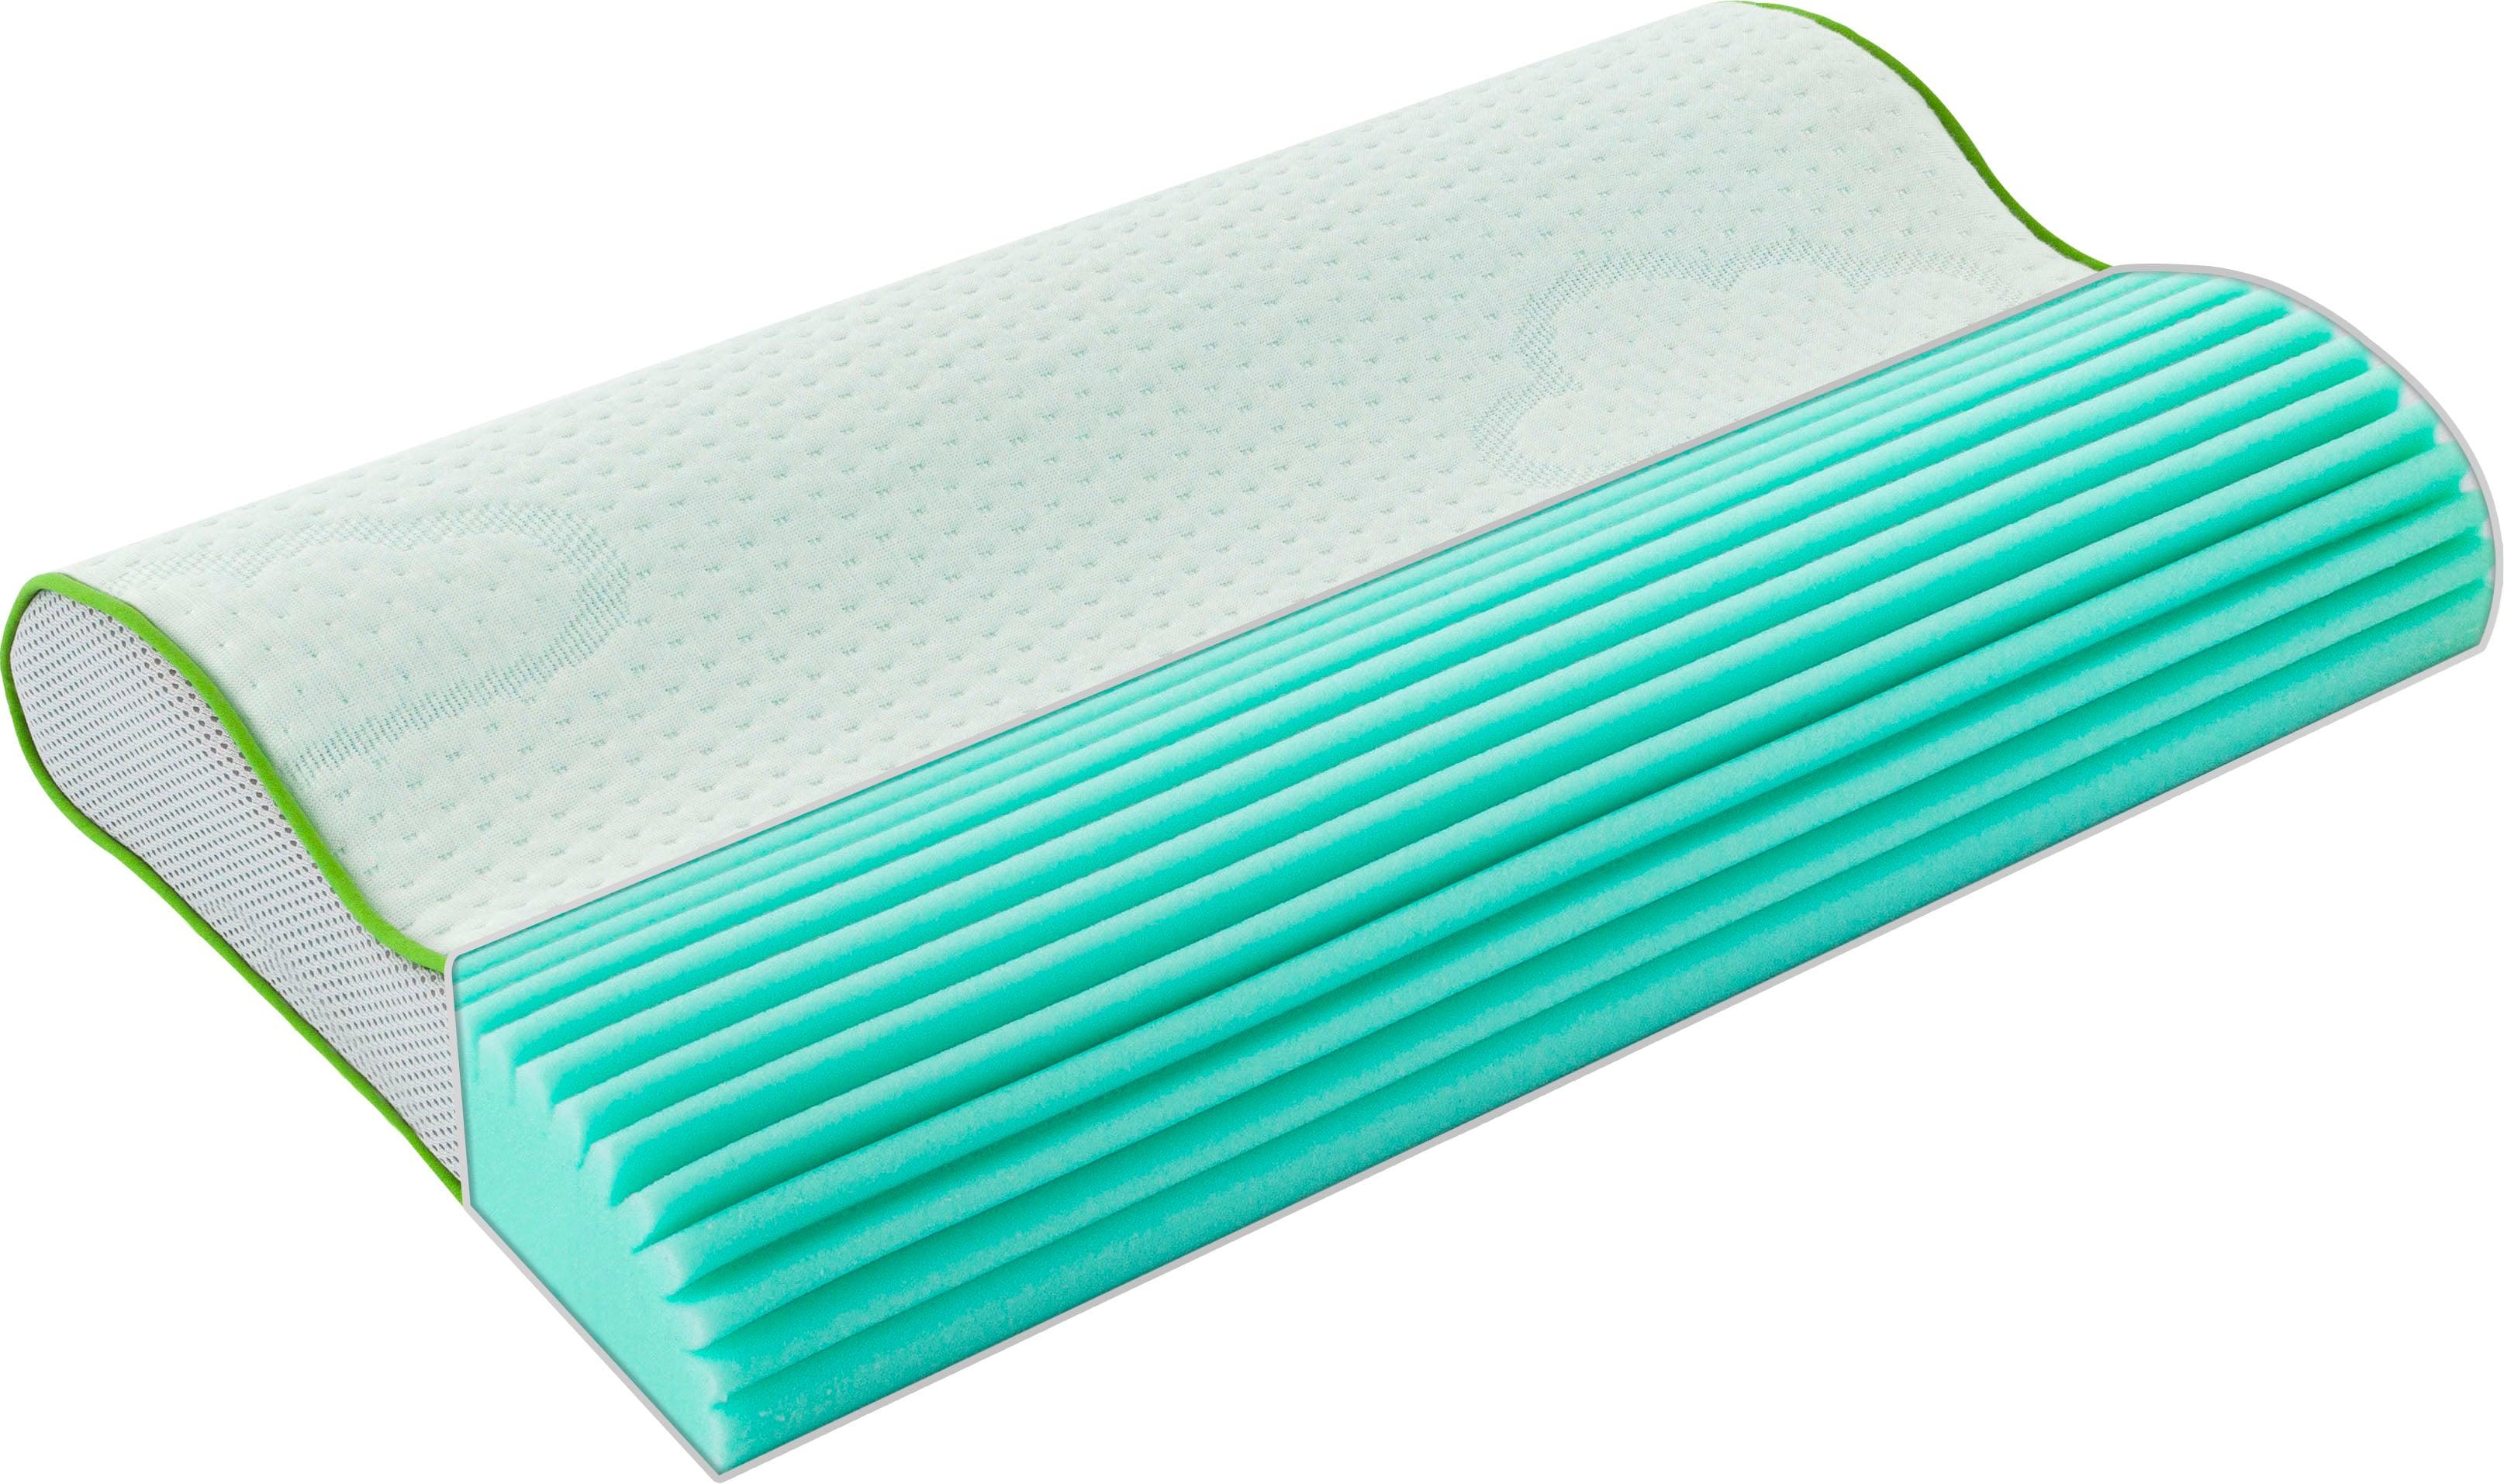 Träumeland Kopfkissen Kinderkissen Basic, (1 St.) weiß Baby Babykopfkissen Bettdecken, Unterbetten